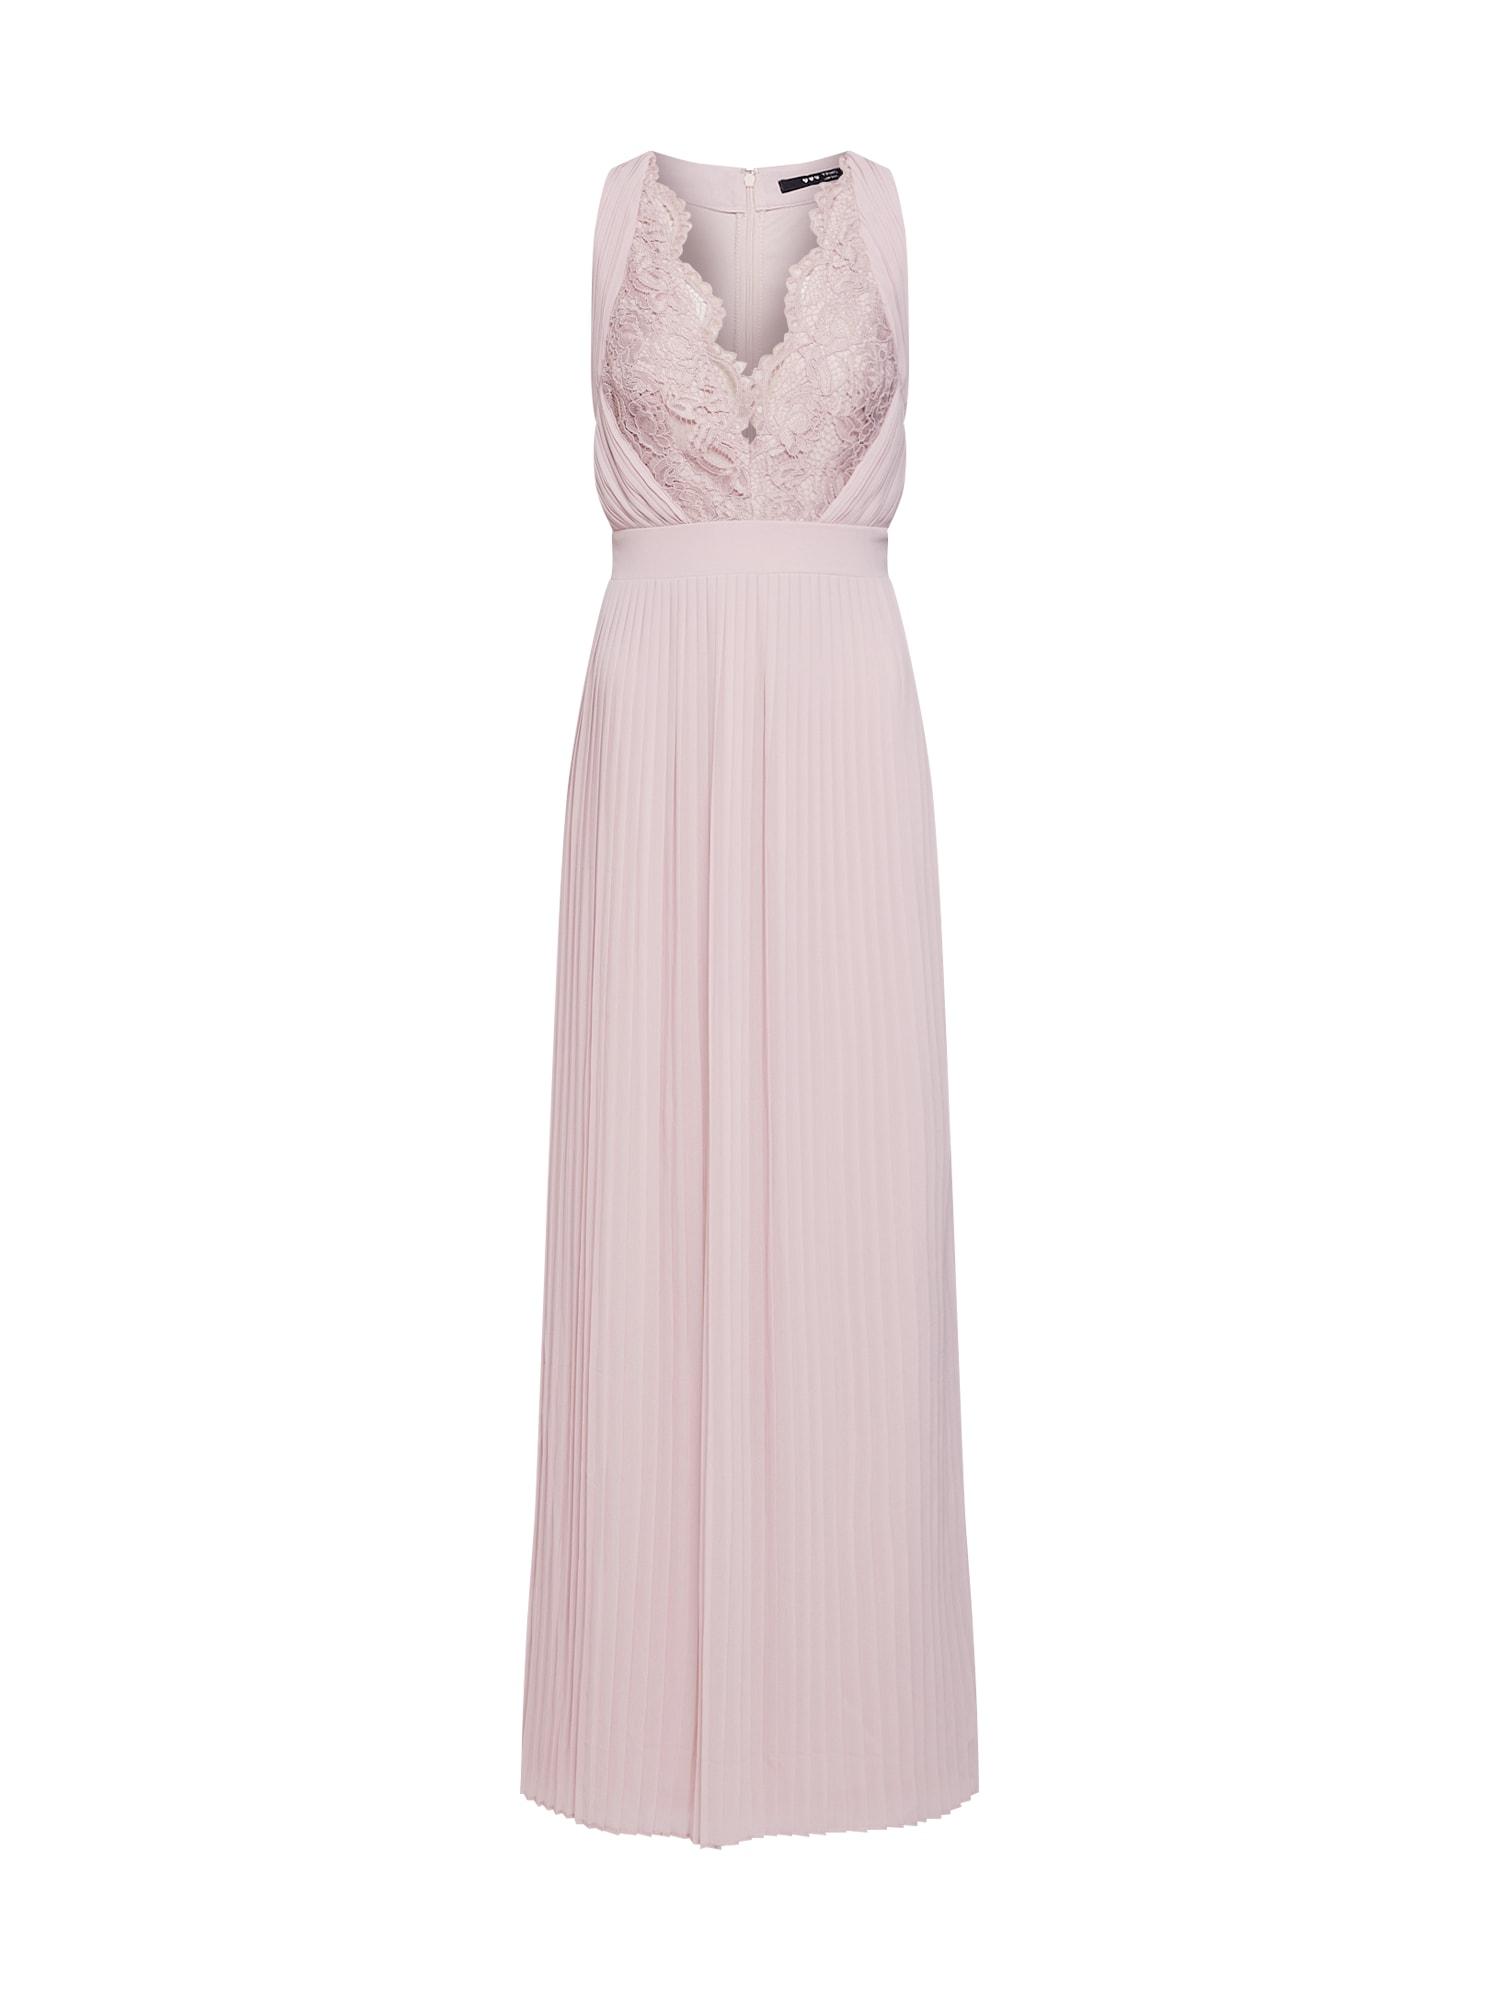 Společenské šaty MADALEN růže TFNC